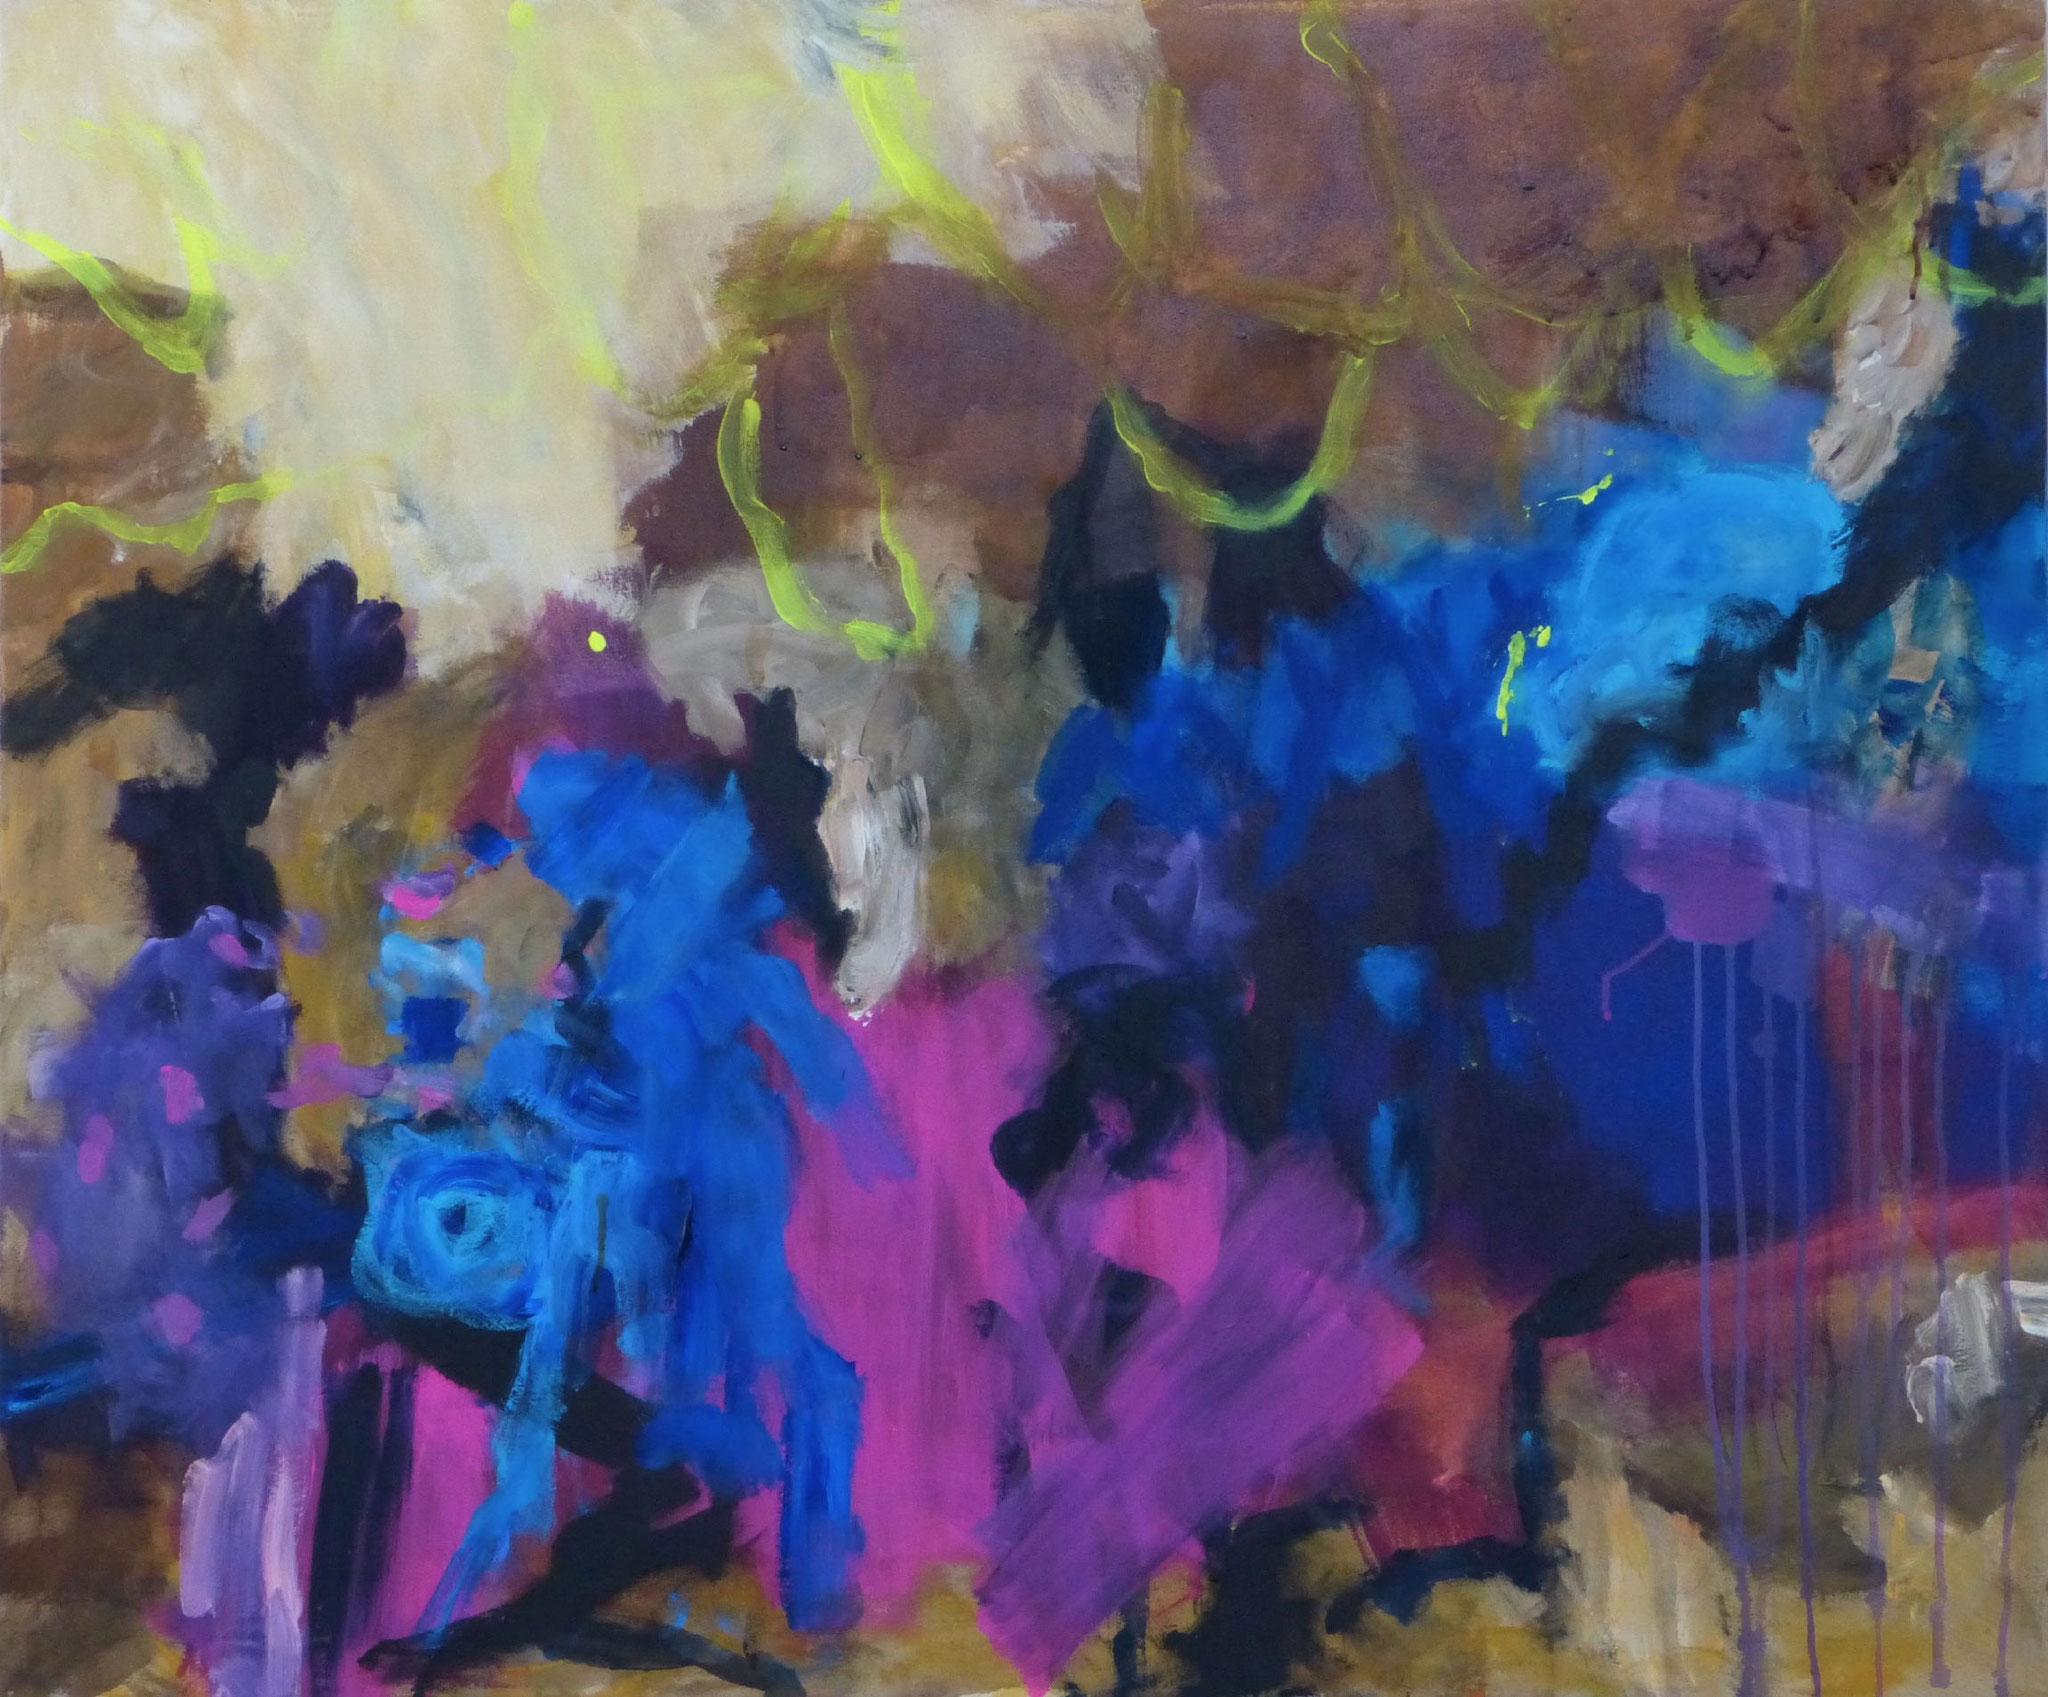 Scherzando 2, Acryl auf Leinwand, 100x130cm, 2018